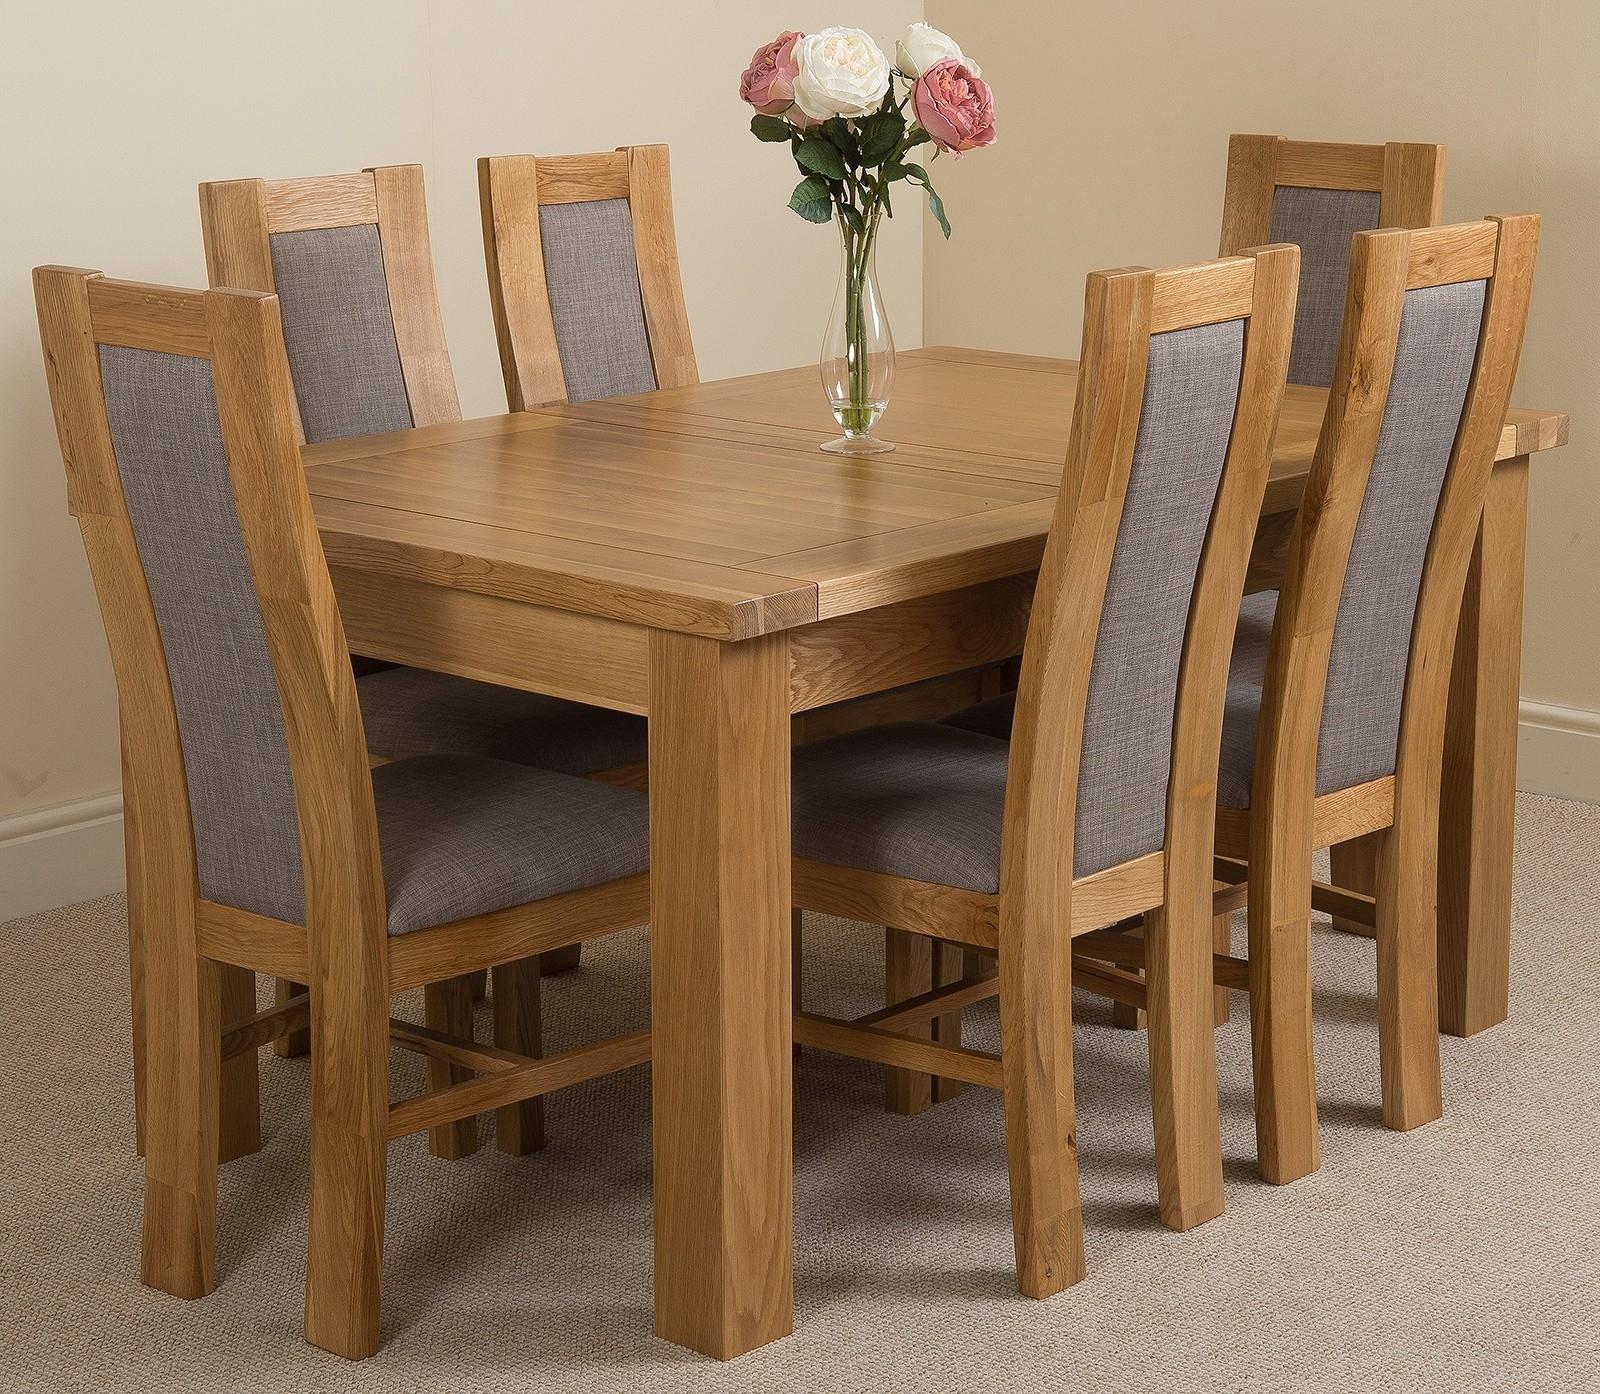 Oak Furniture King Regarding Oak Dining Set 6 Chairs (View 9 of 25)